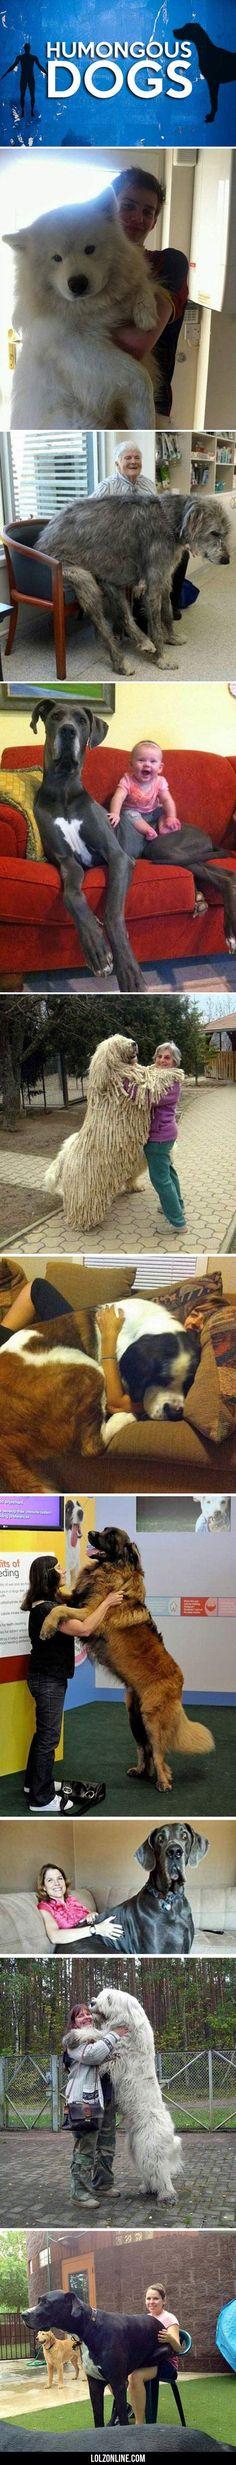 Humongous Dogs#funny #lol #lolzonline